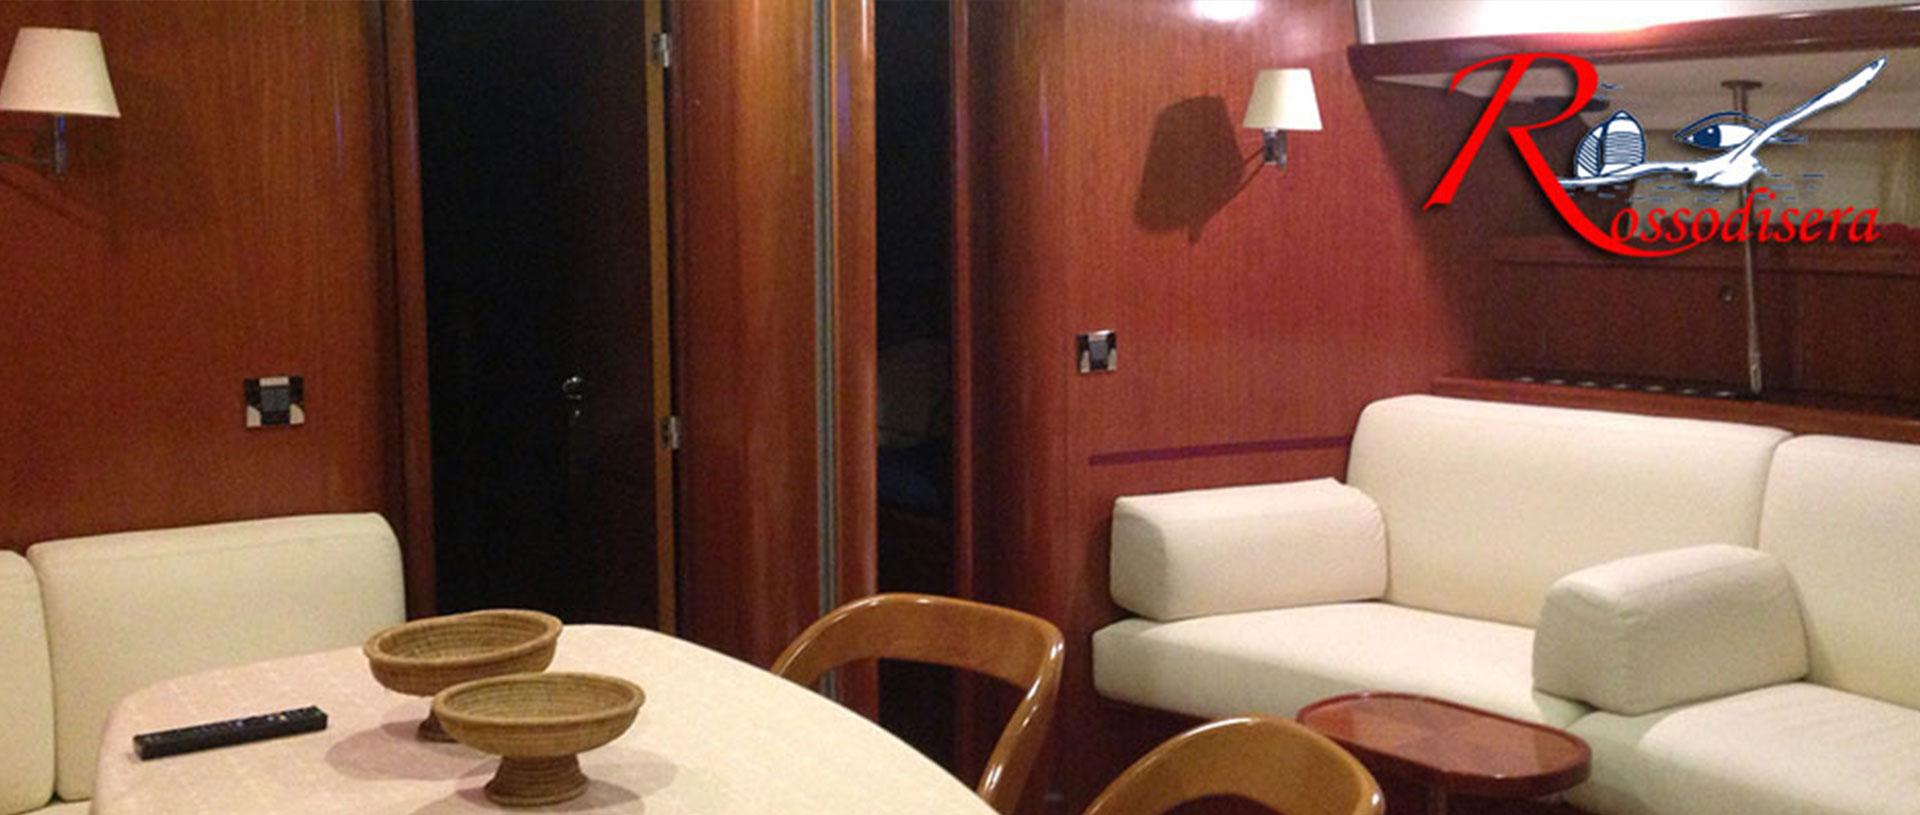 Rossodisera - sailboat - noleggio barca a vela - charter napoli beneteau57